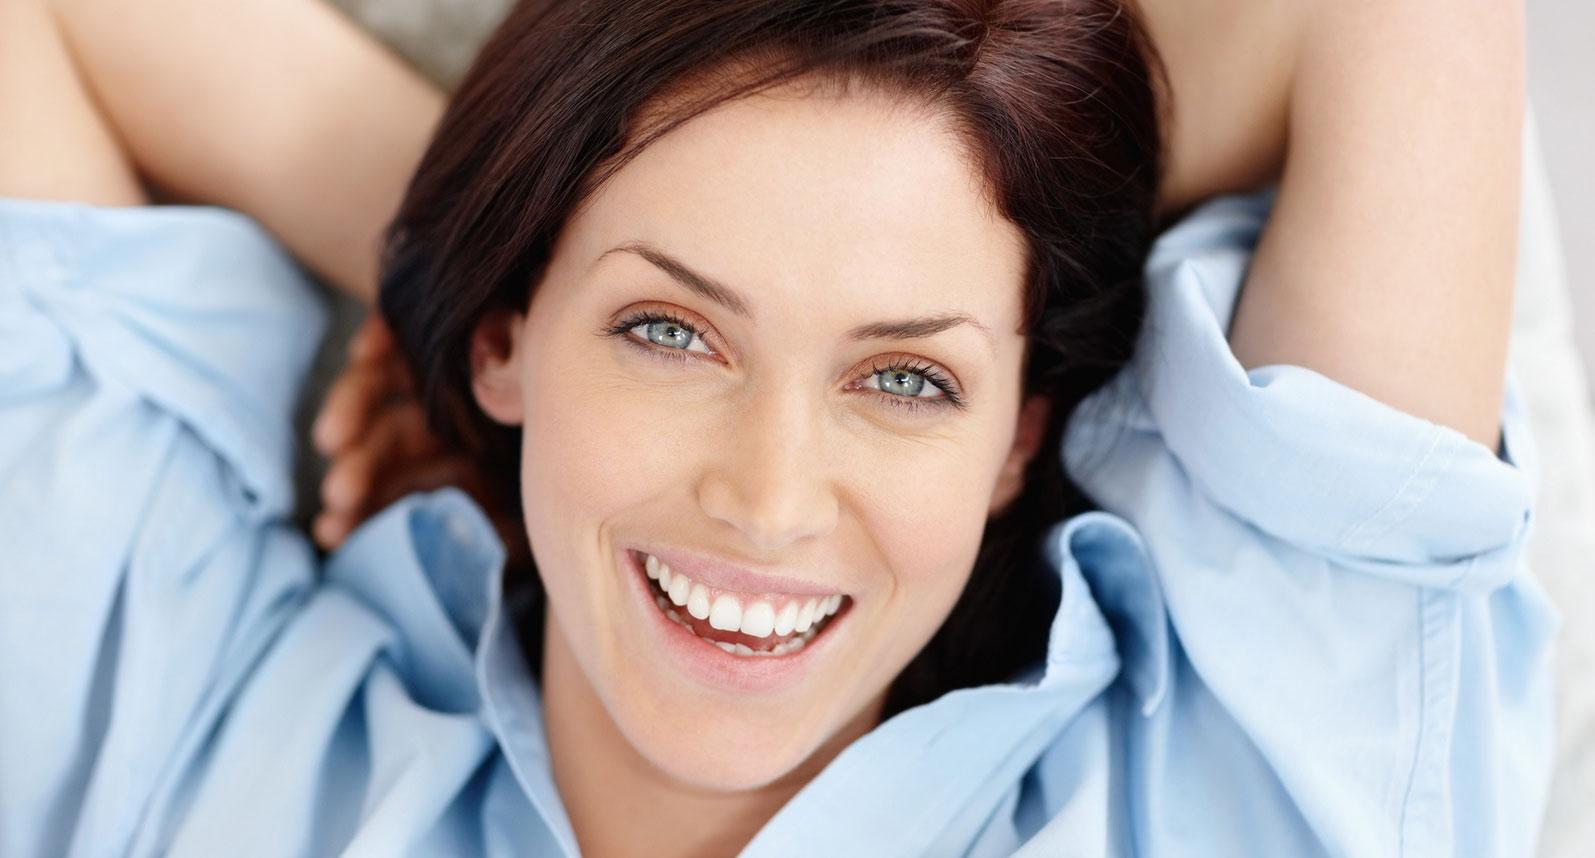 light-lift-tratamiento-para-el-rejuvenecimiento-facial-global